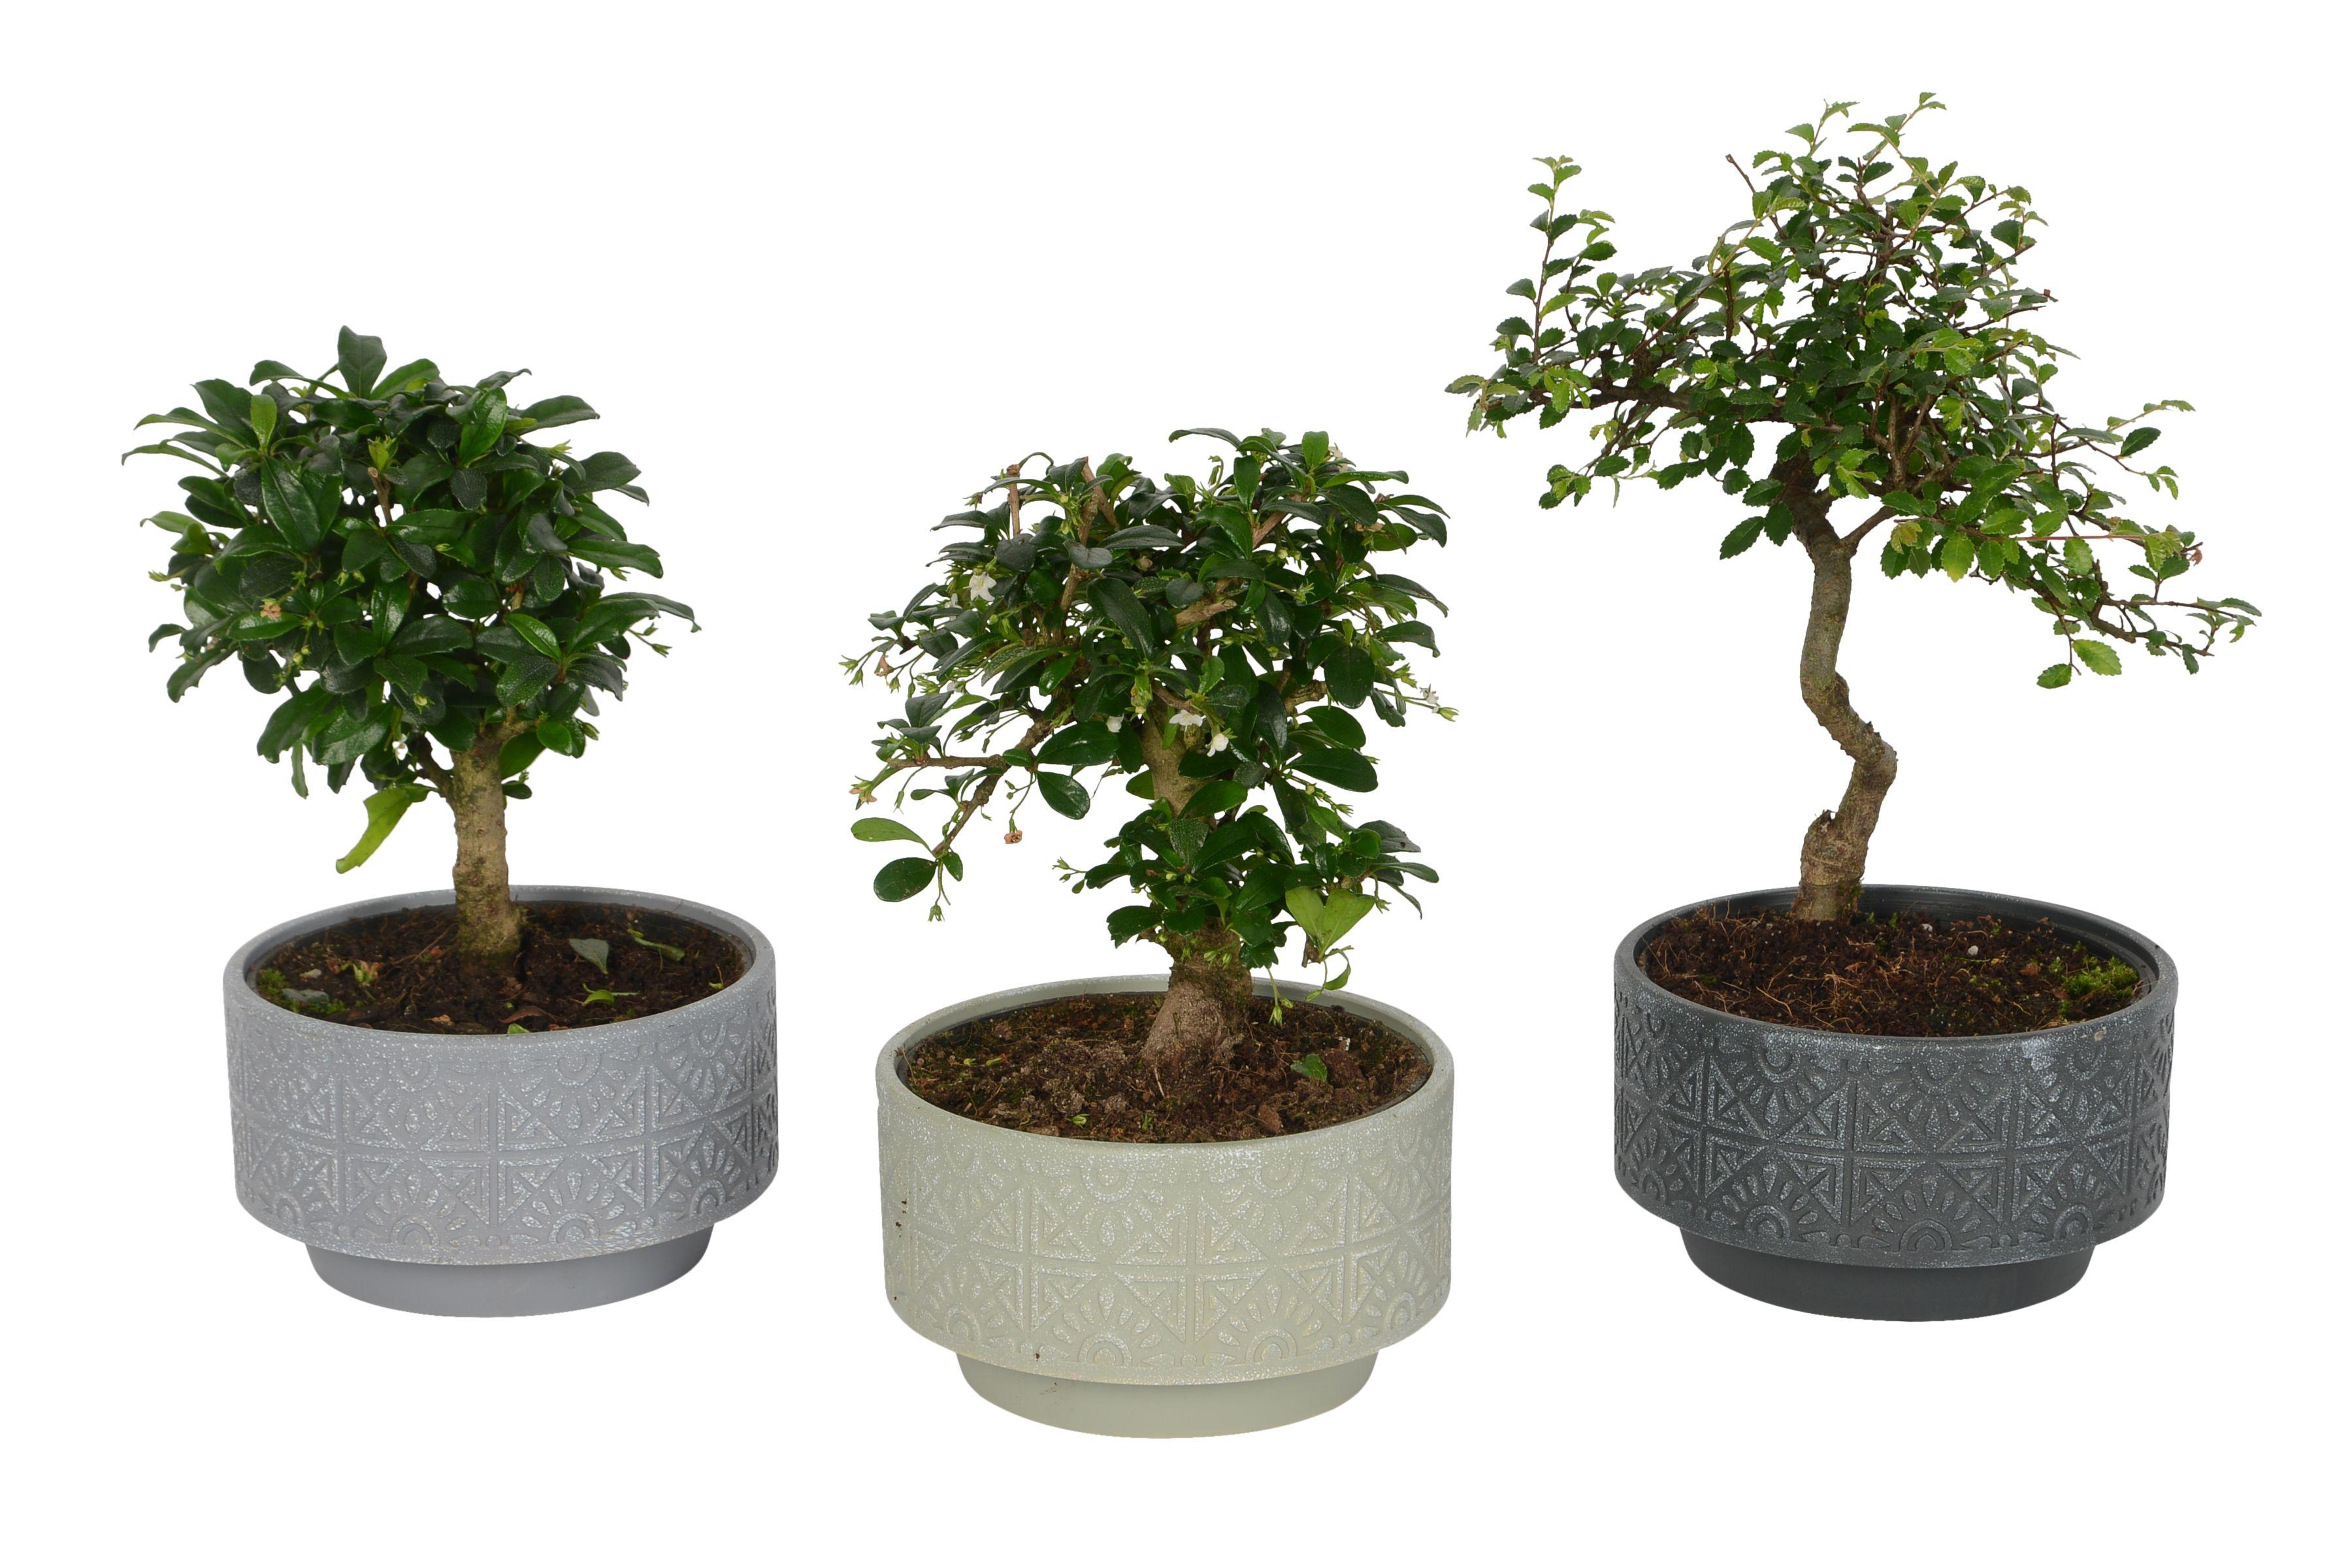 b&q bonsai